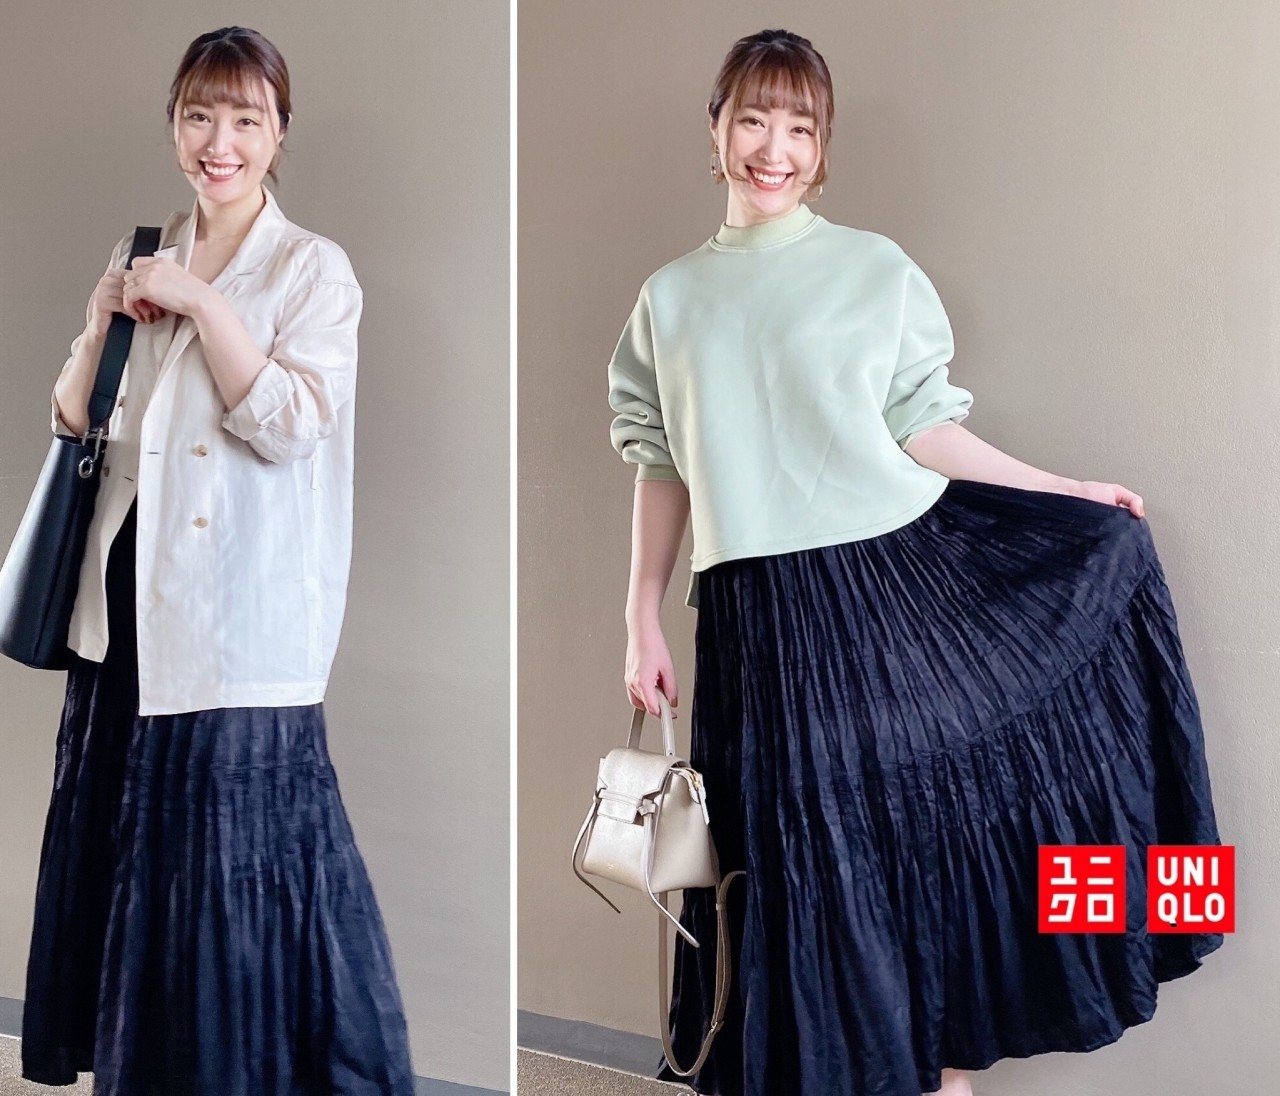 【ユニクロ秋冬】秋口まで使える◎新作プリーツスカートを着回し!